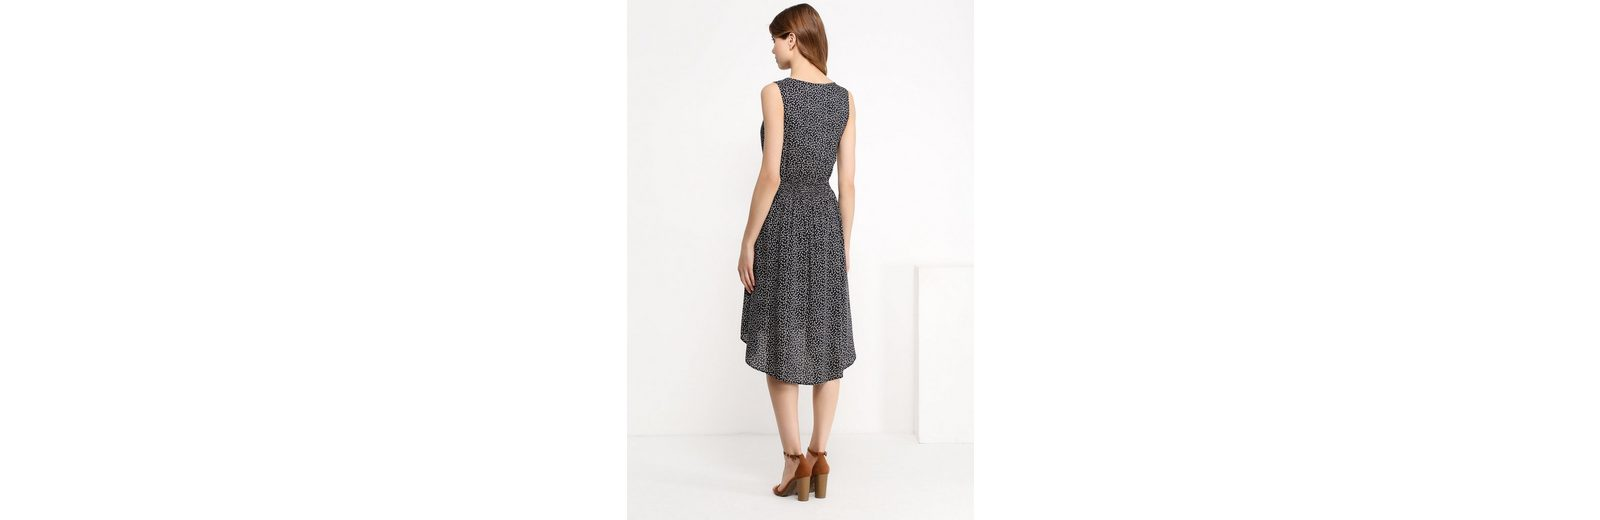 Billig Verkauf Mit Mastercard Finn Flare Kleid mit elegantem Wasserfallausschnitt Für Schön Austrittskosten Günstig Kaufen Preise Spielraum Billig KEOKGB